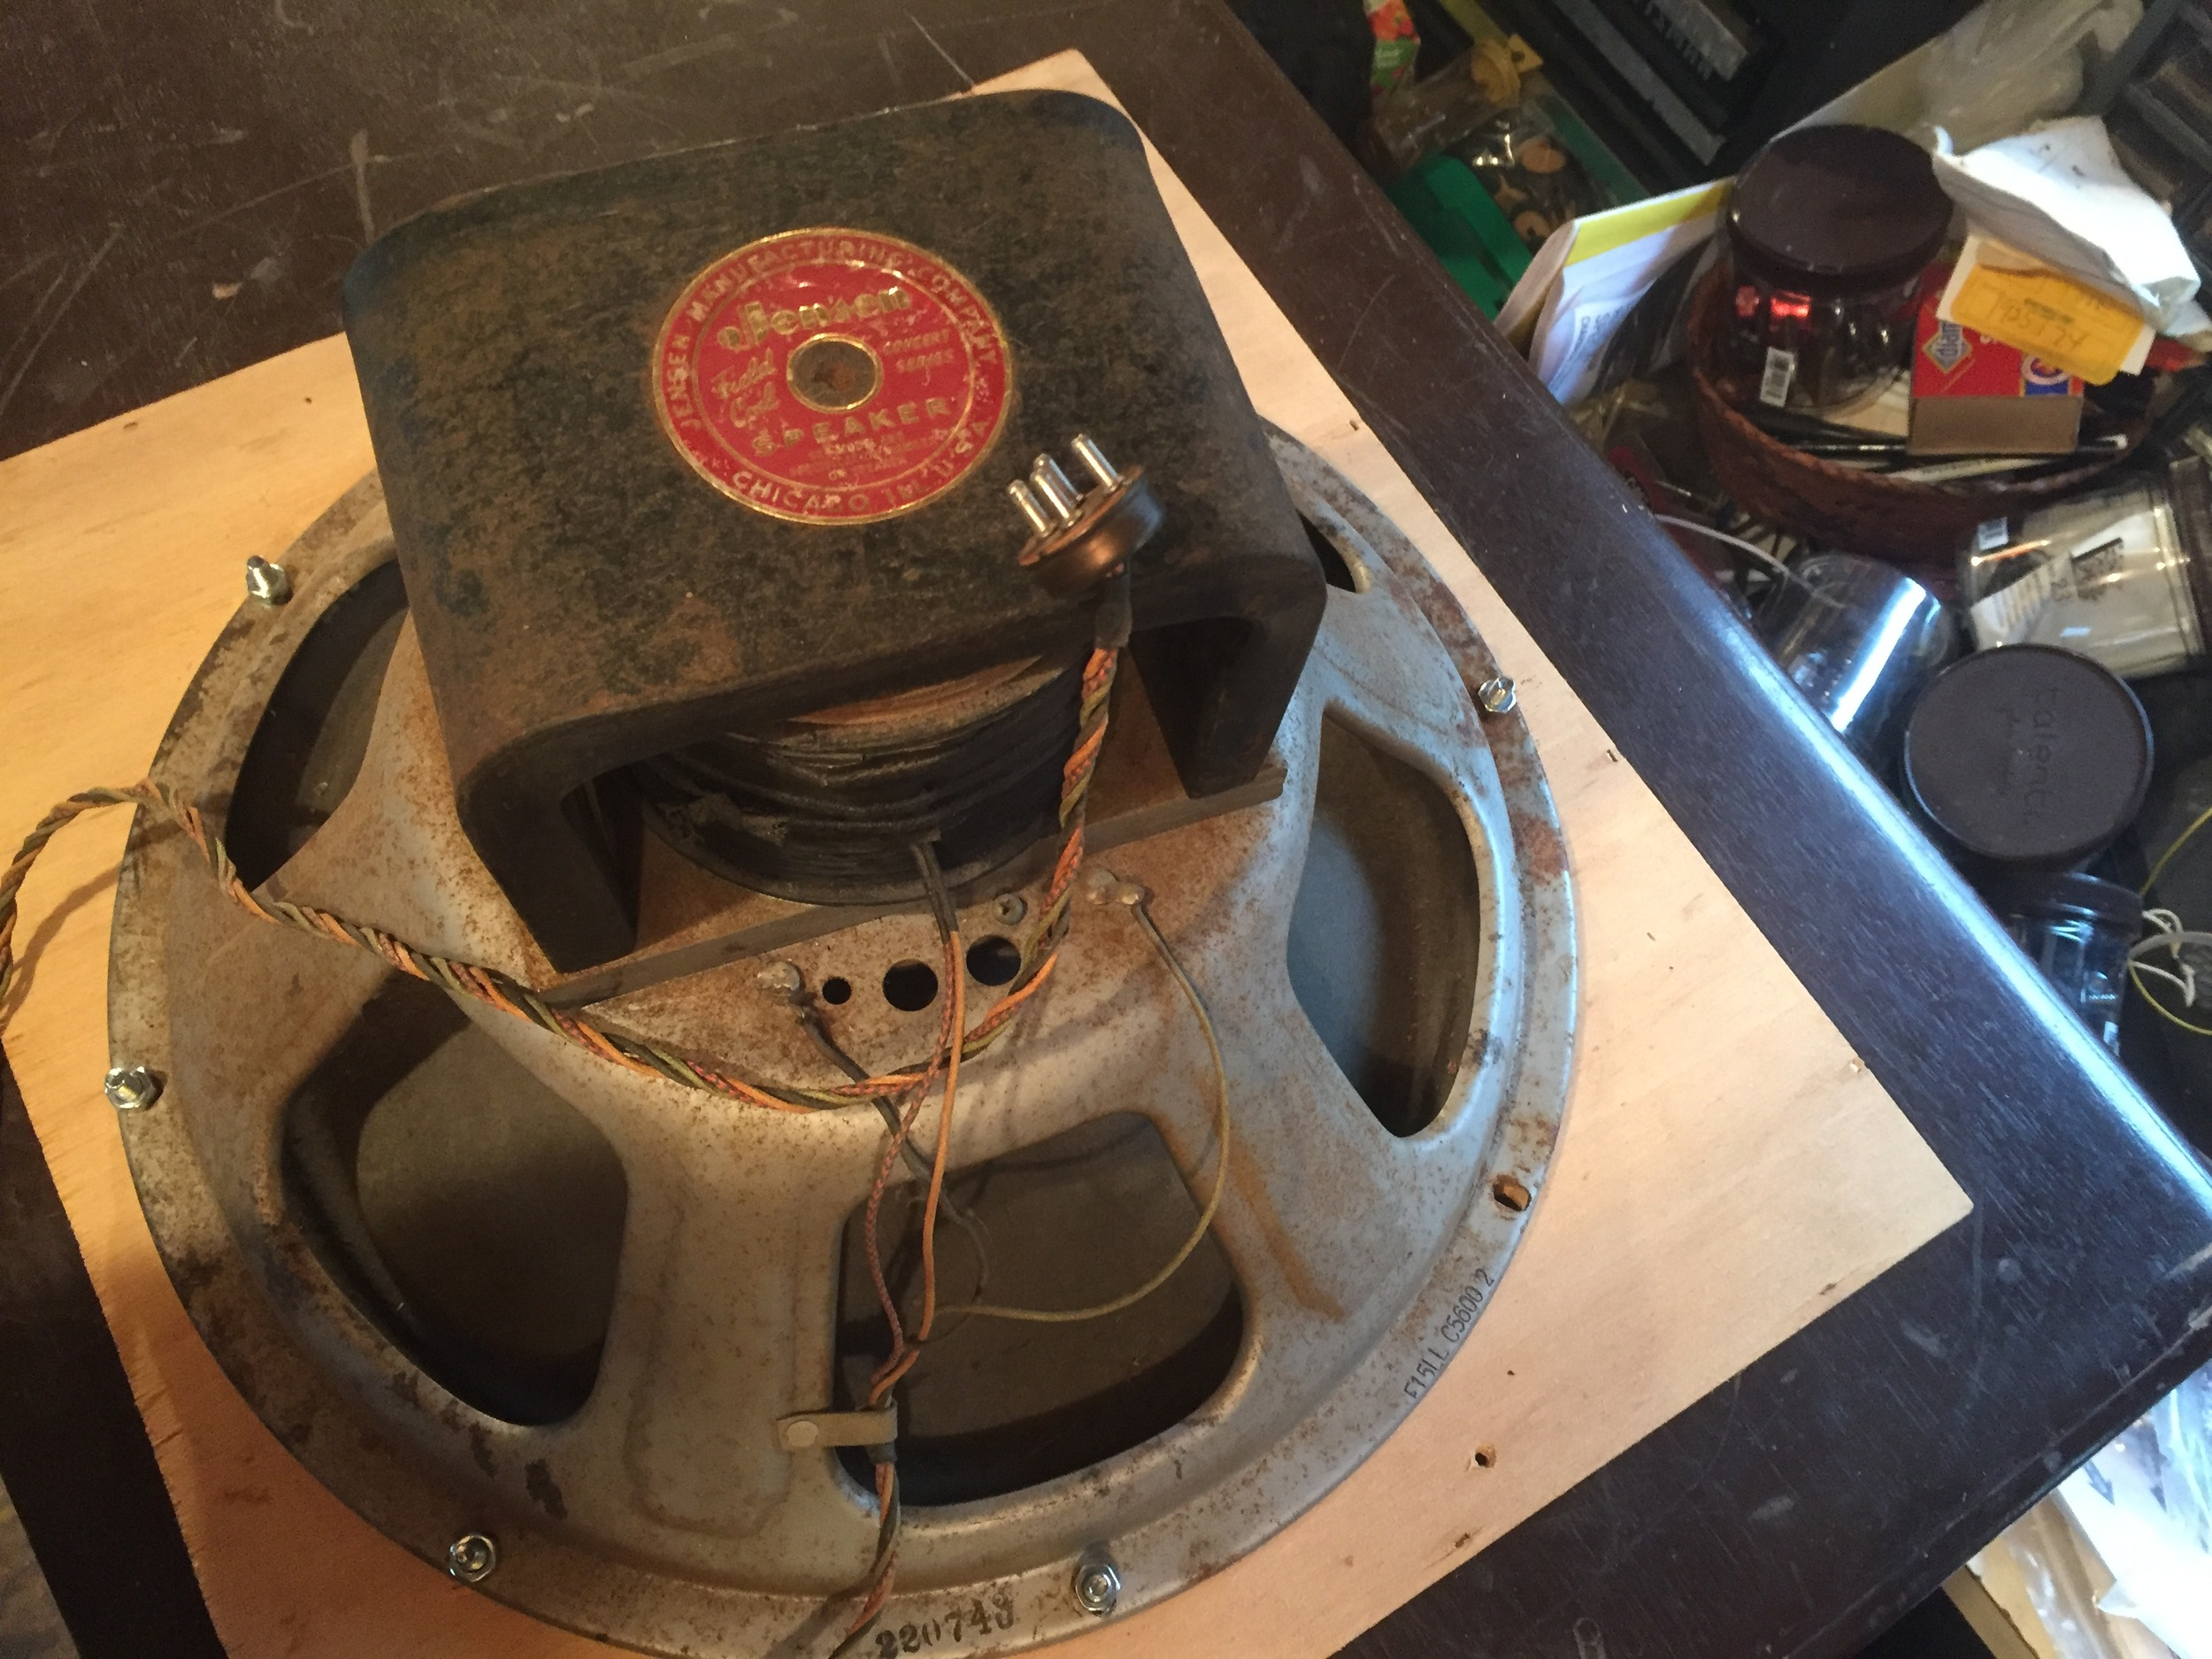 The classic Jensen F15LL field coil speaker.